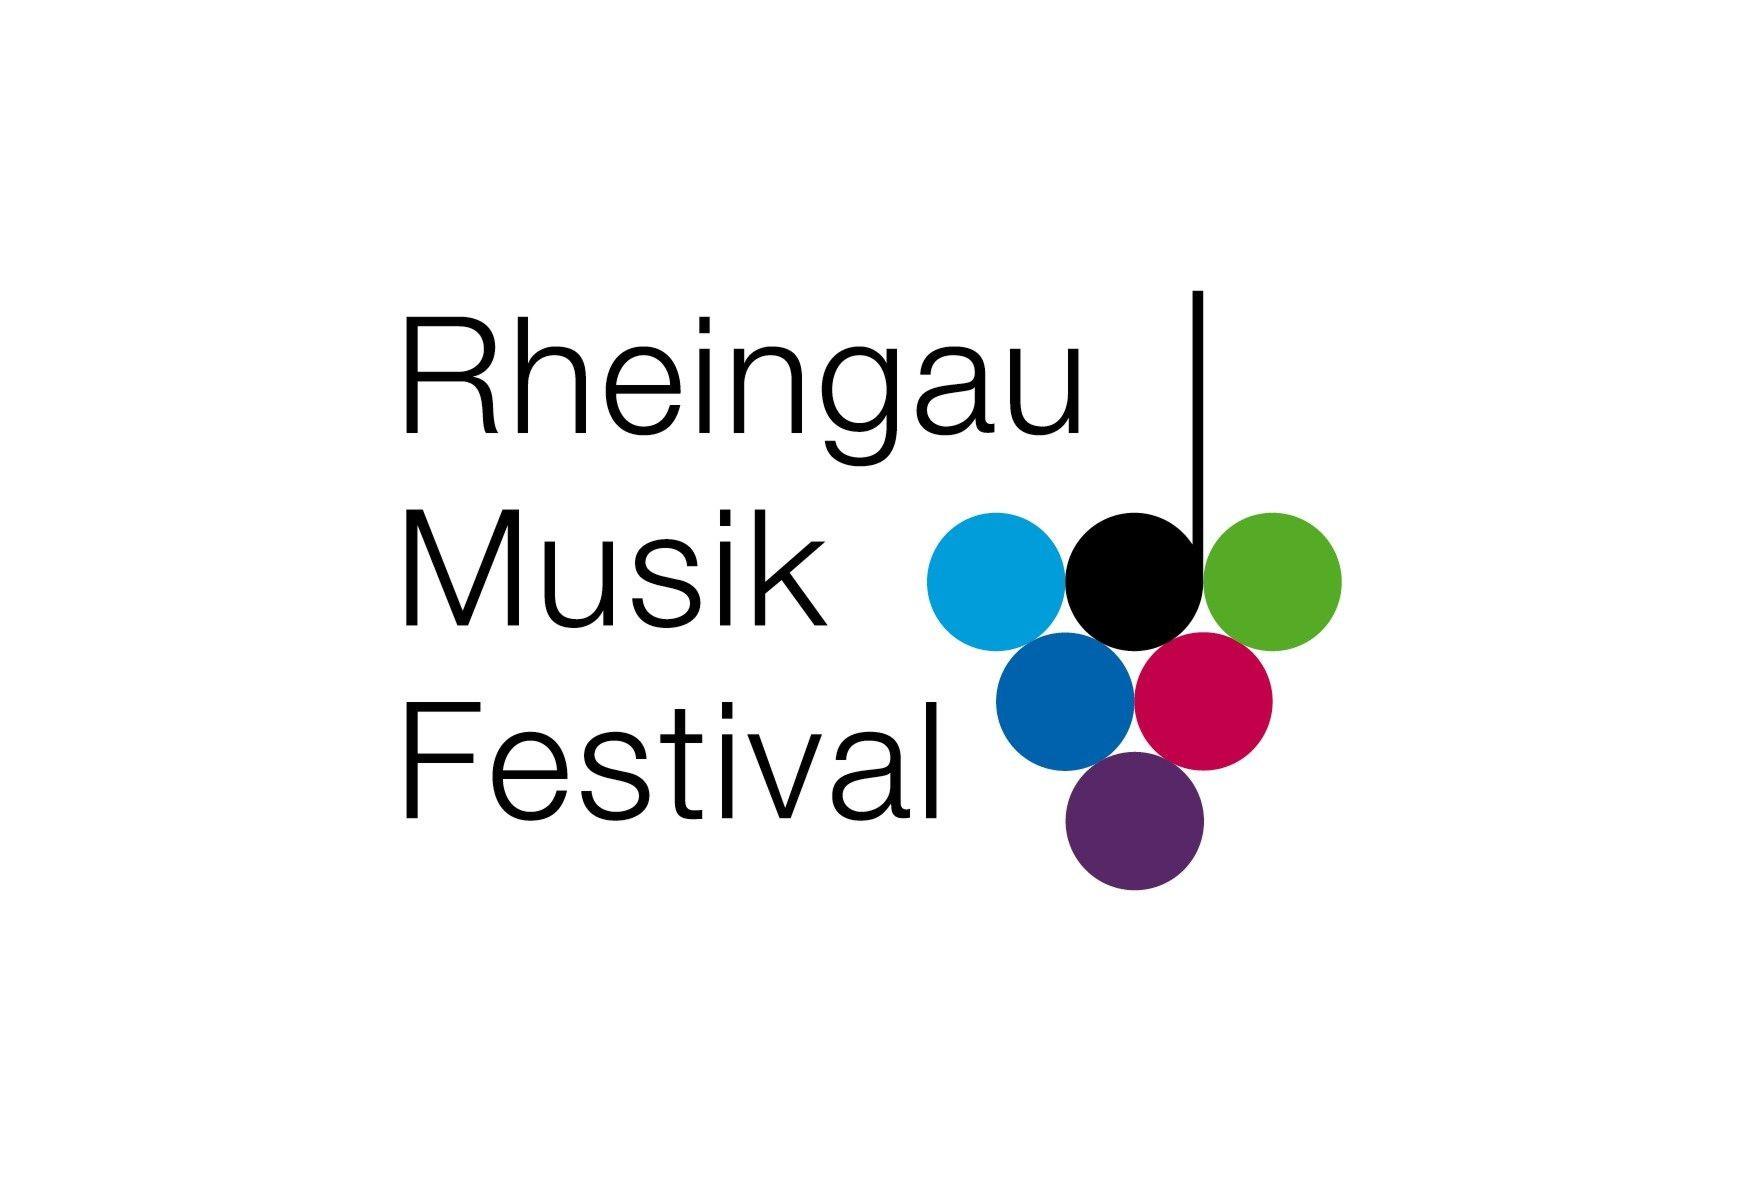 Logo Rheingau Musik Festival, Trauben, bunte Farben